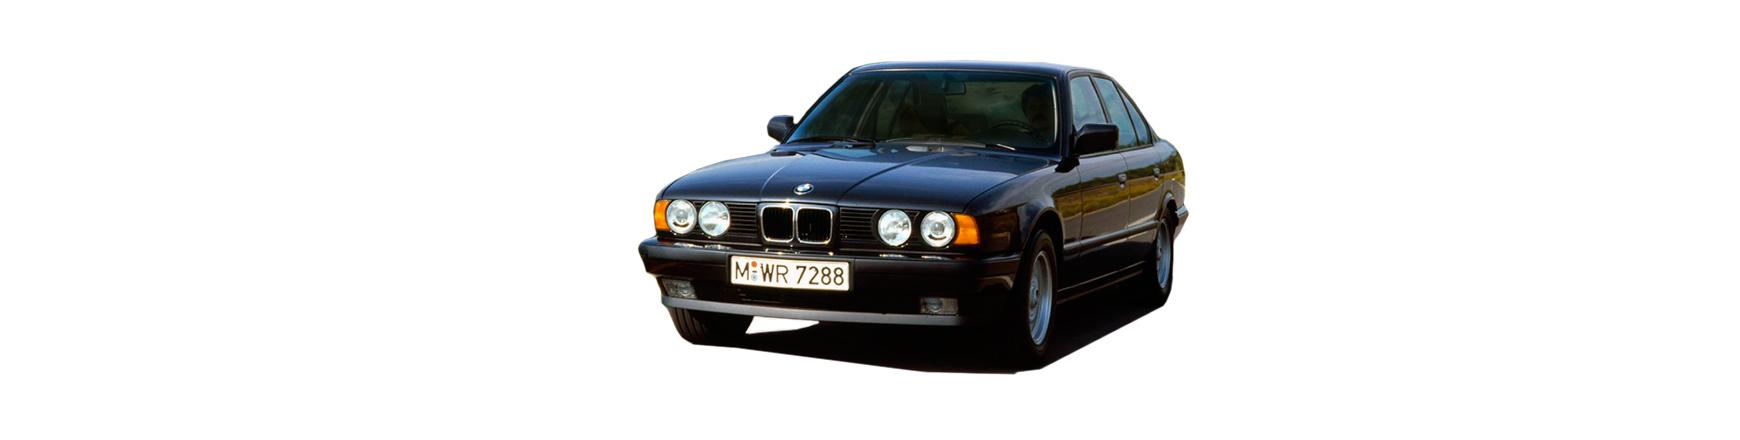 bmw serie 5 e34 1988 1989 1990 1991 1992 1993 venta recambios online